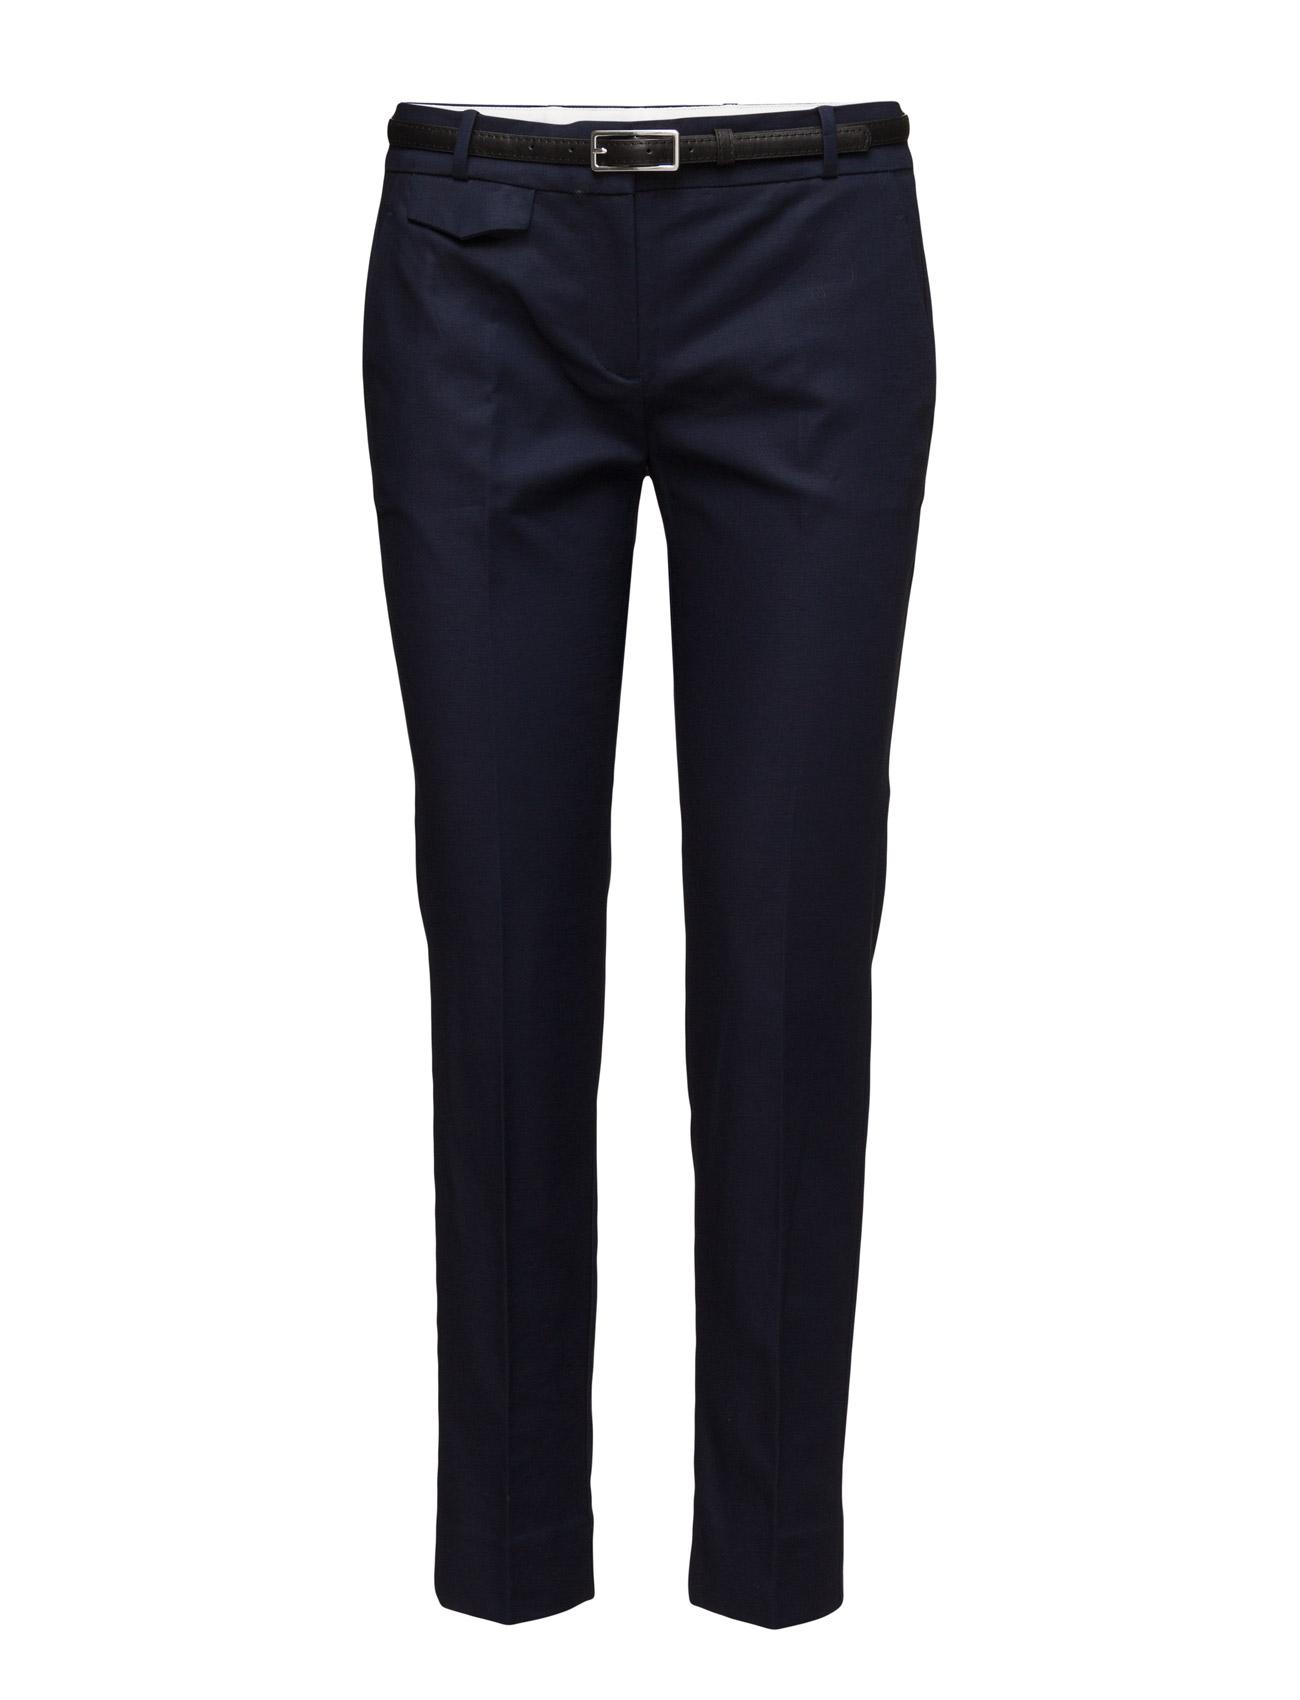 Straight Cotton Trousers Mango Bukser til Kvinder i Sort